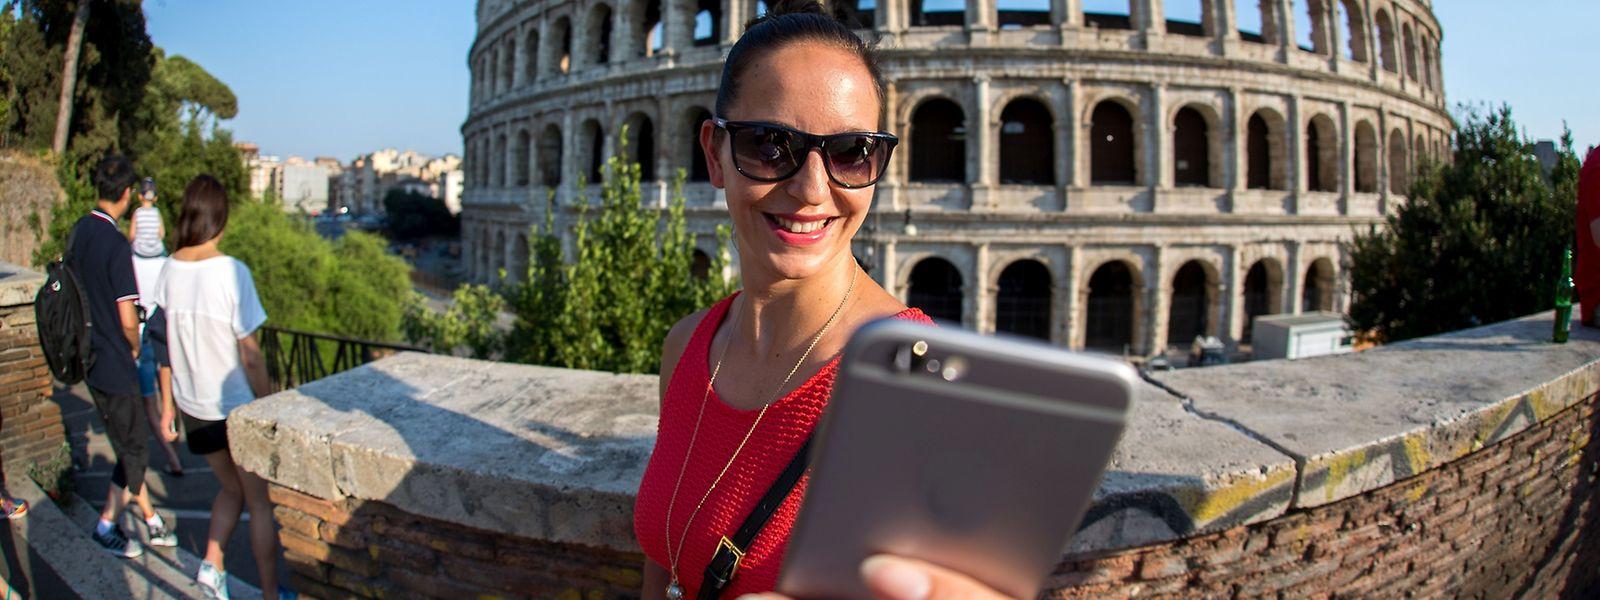 Urlauber und Geschäftsreisende müssen ab Mitte 2017 in der Regel keine Extragebühren für die Handynutzung in den übrigen Mitgliedsländern zahlen. Auch 2016 ändert sich schon einiges.